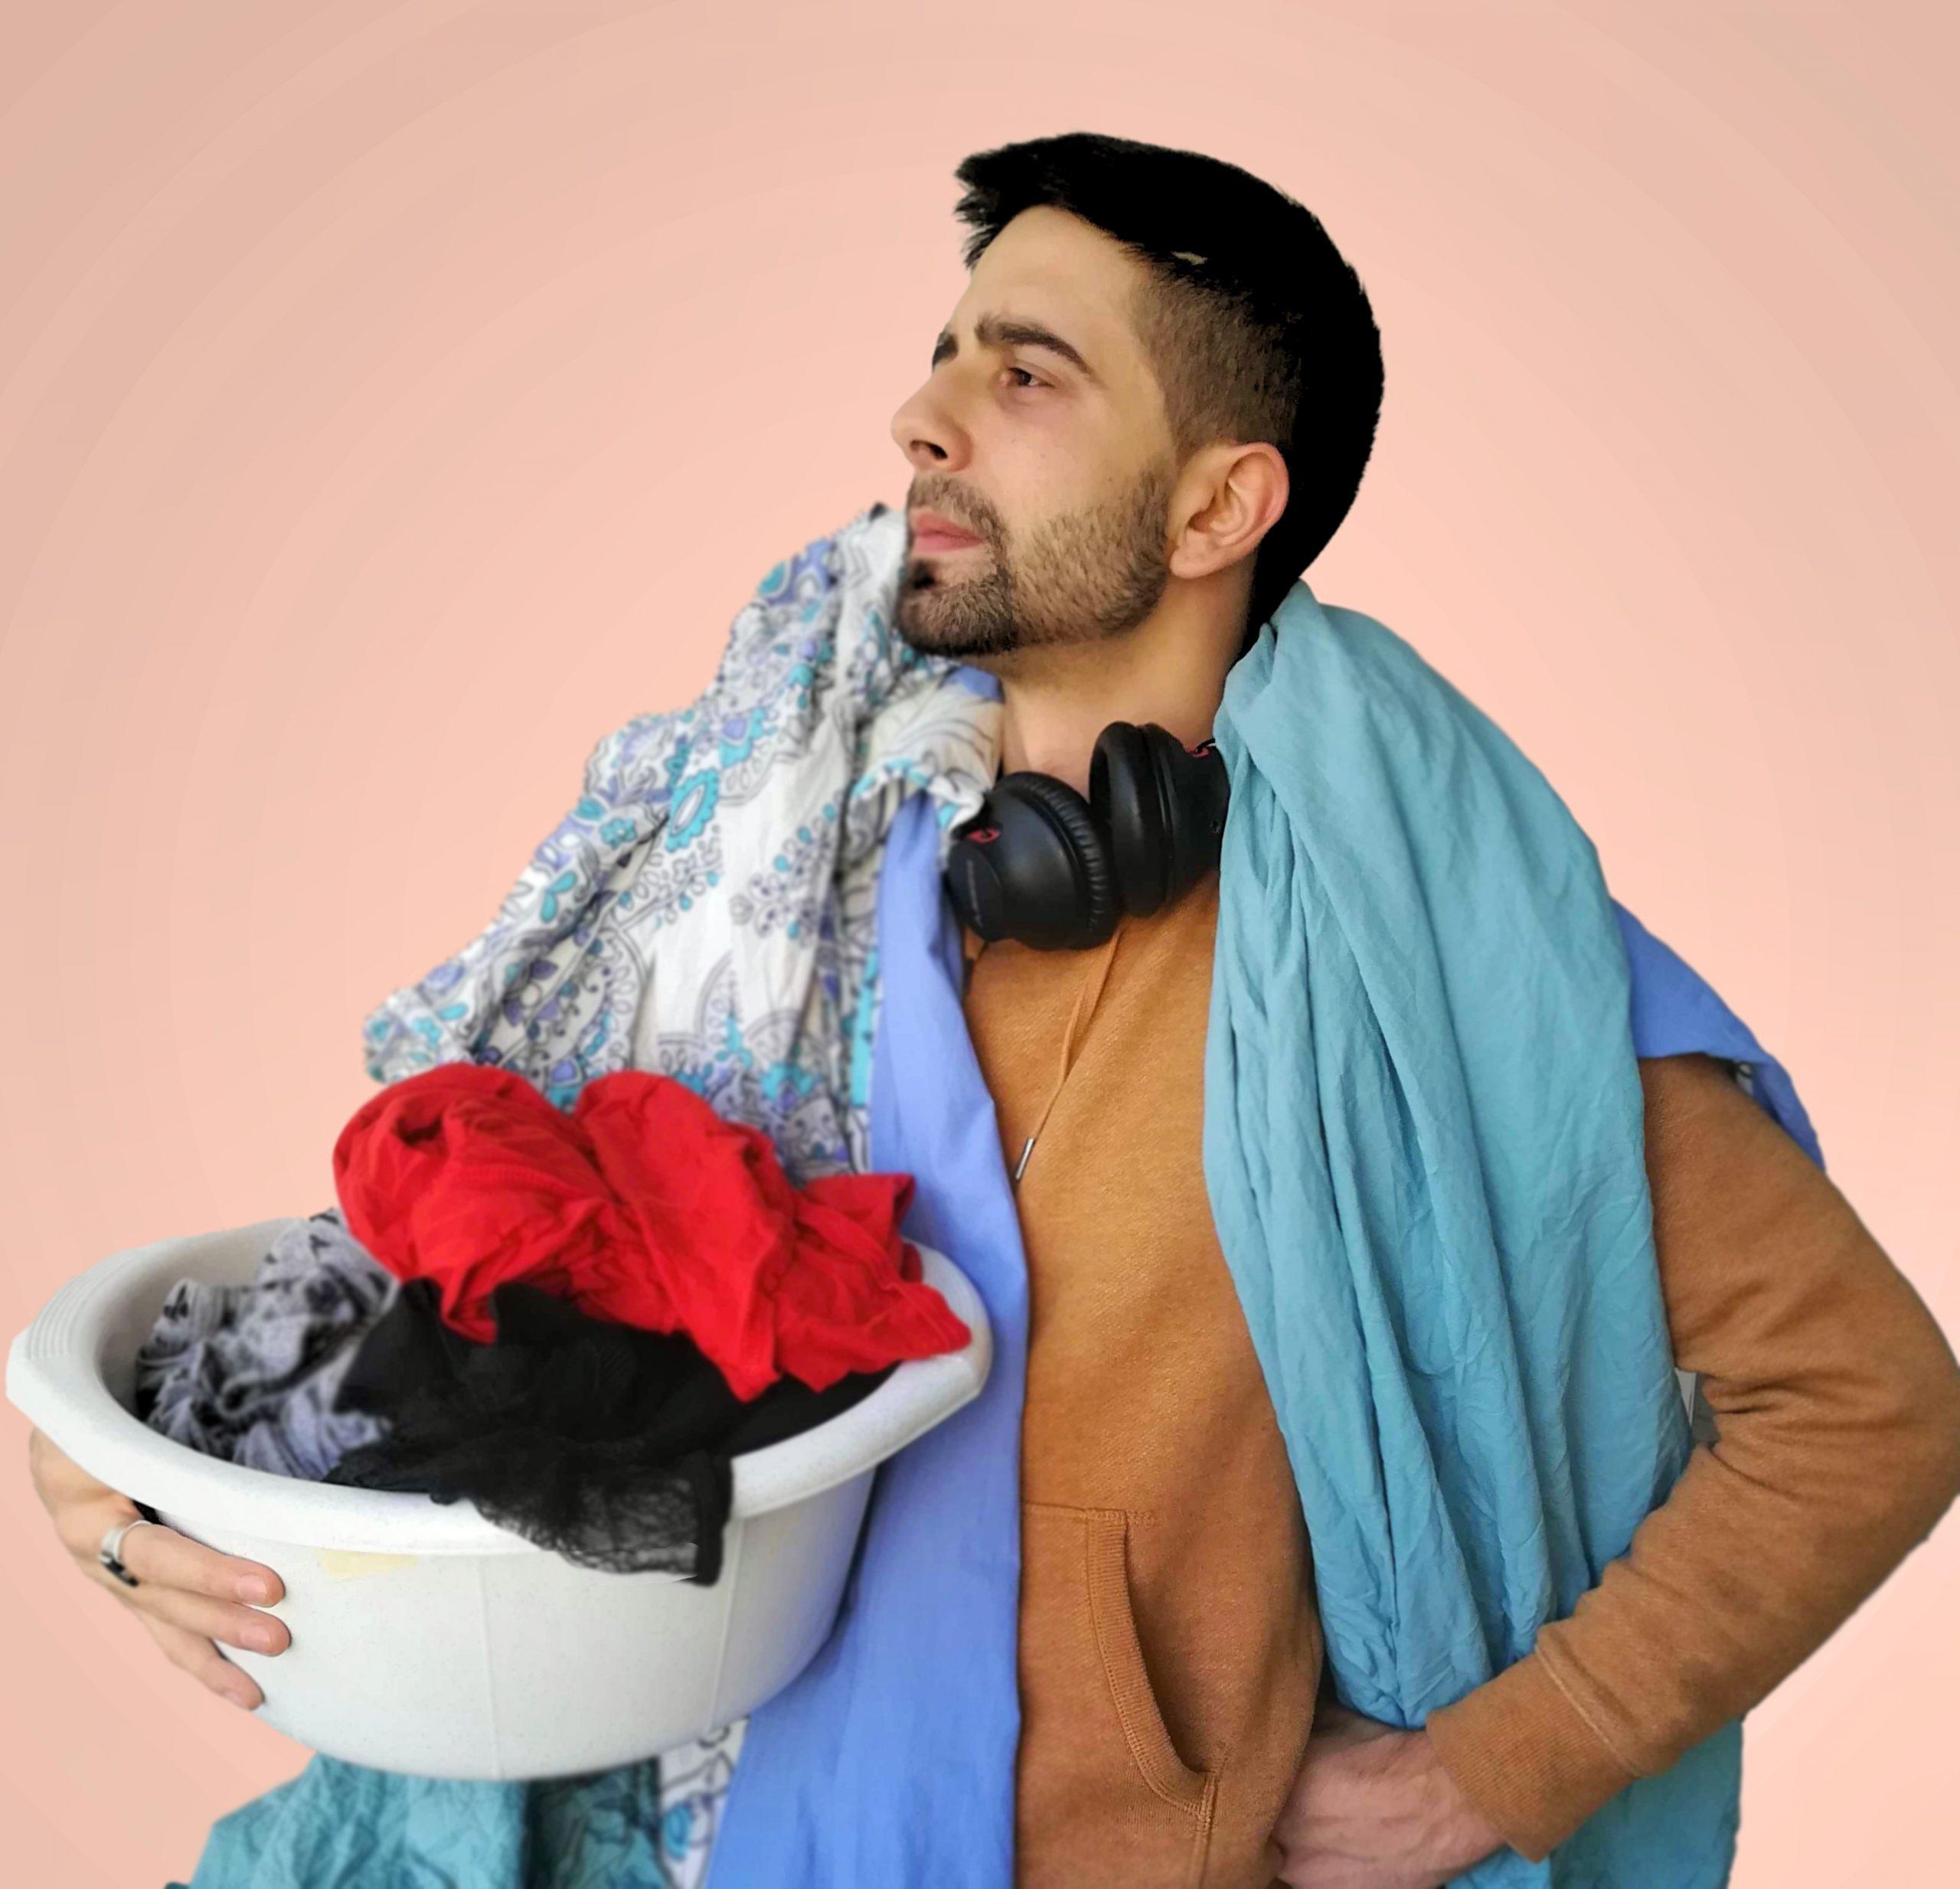 Vladi Doing Laundry